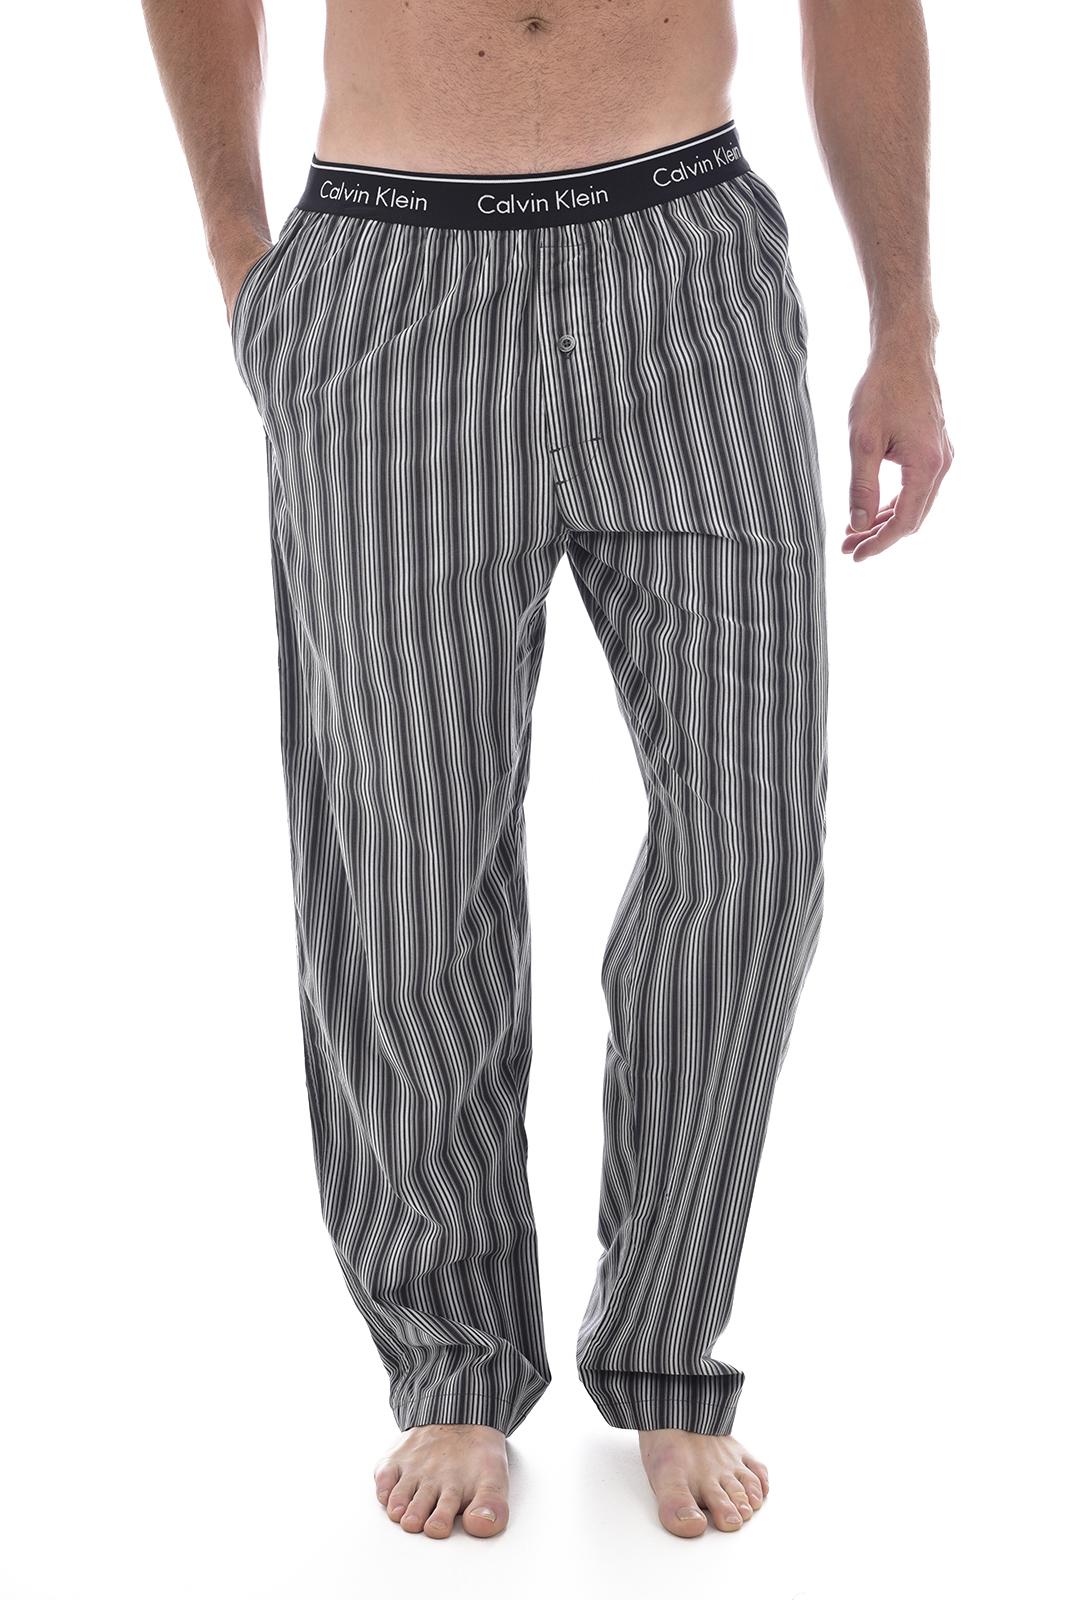 Pyjamas-Peignoirs  Calvin klein 0000U1723A 8EM